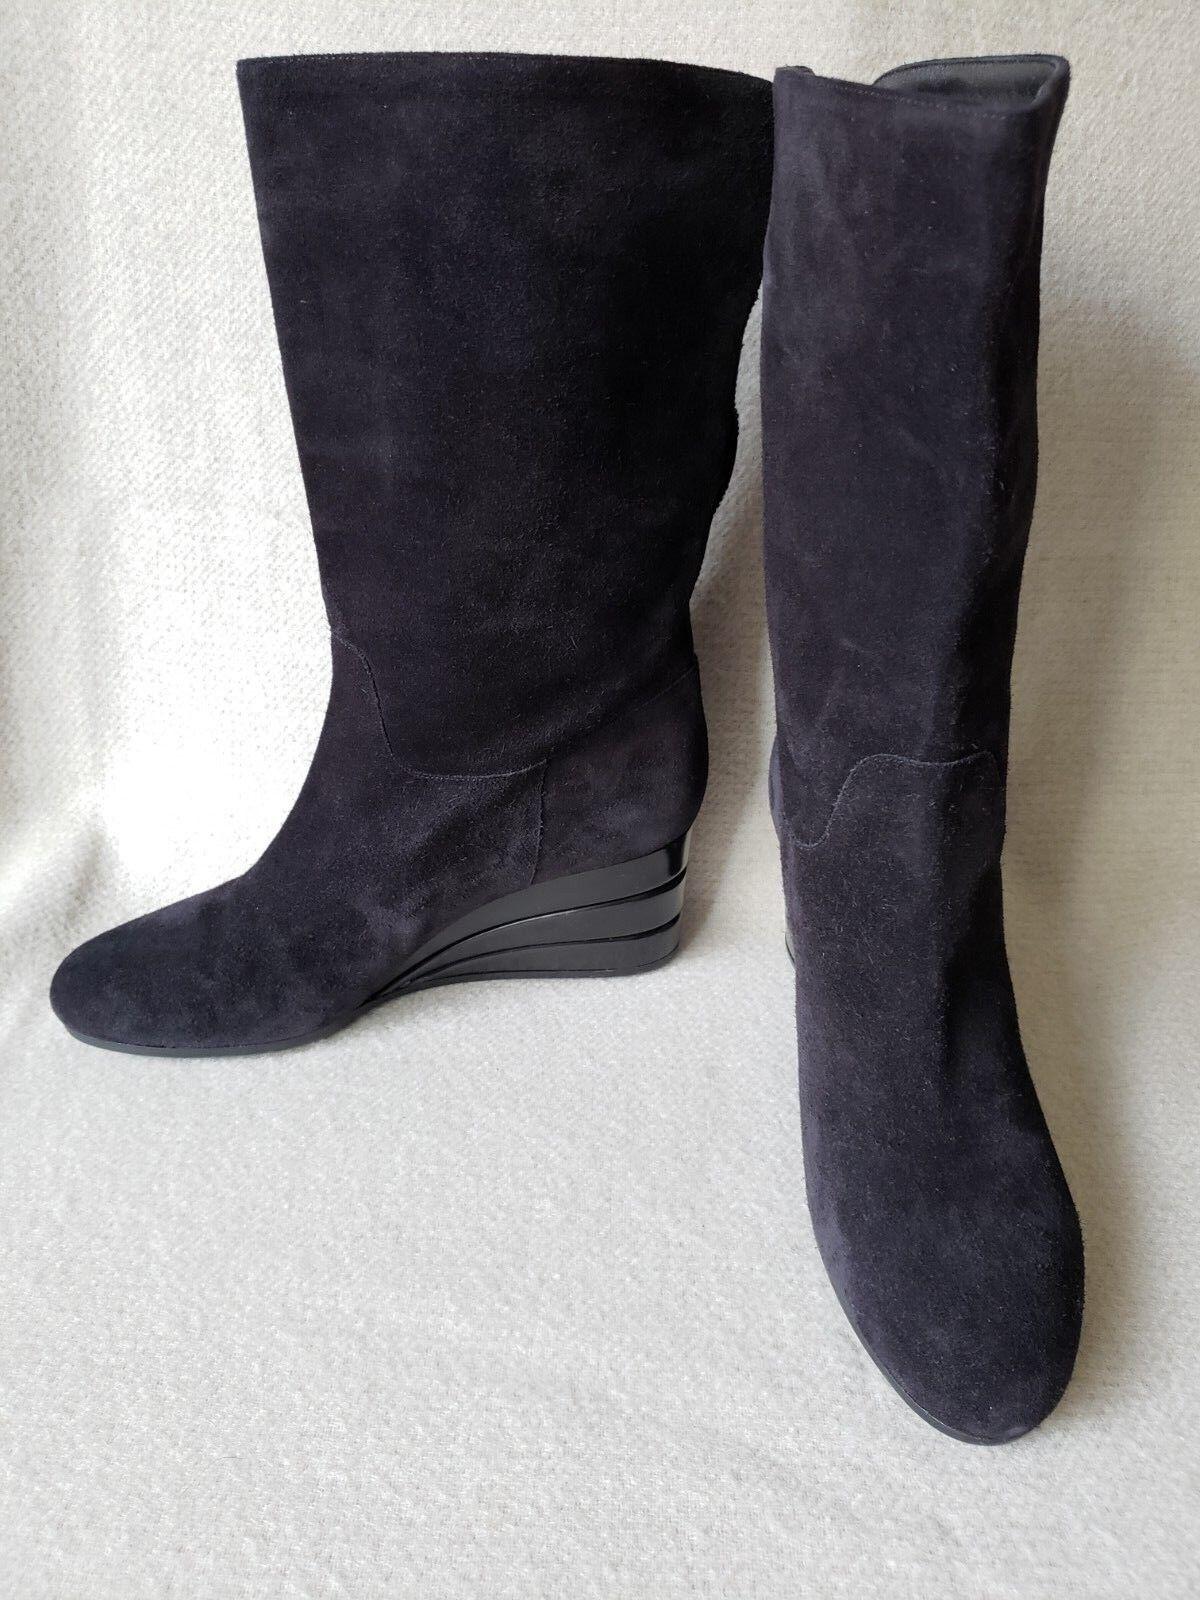 Salvatore Ferragamo 9 mi Gamuza Negra De Invierno Cuña Cuña Cuña Mitad de Pantorrilla Zapatos botas de logotipo Vara  envio rapido a ti